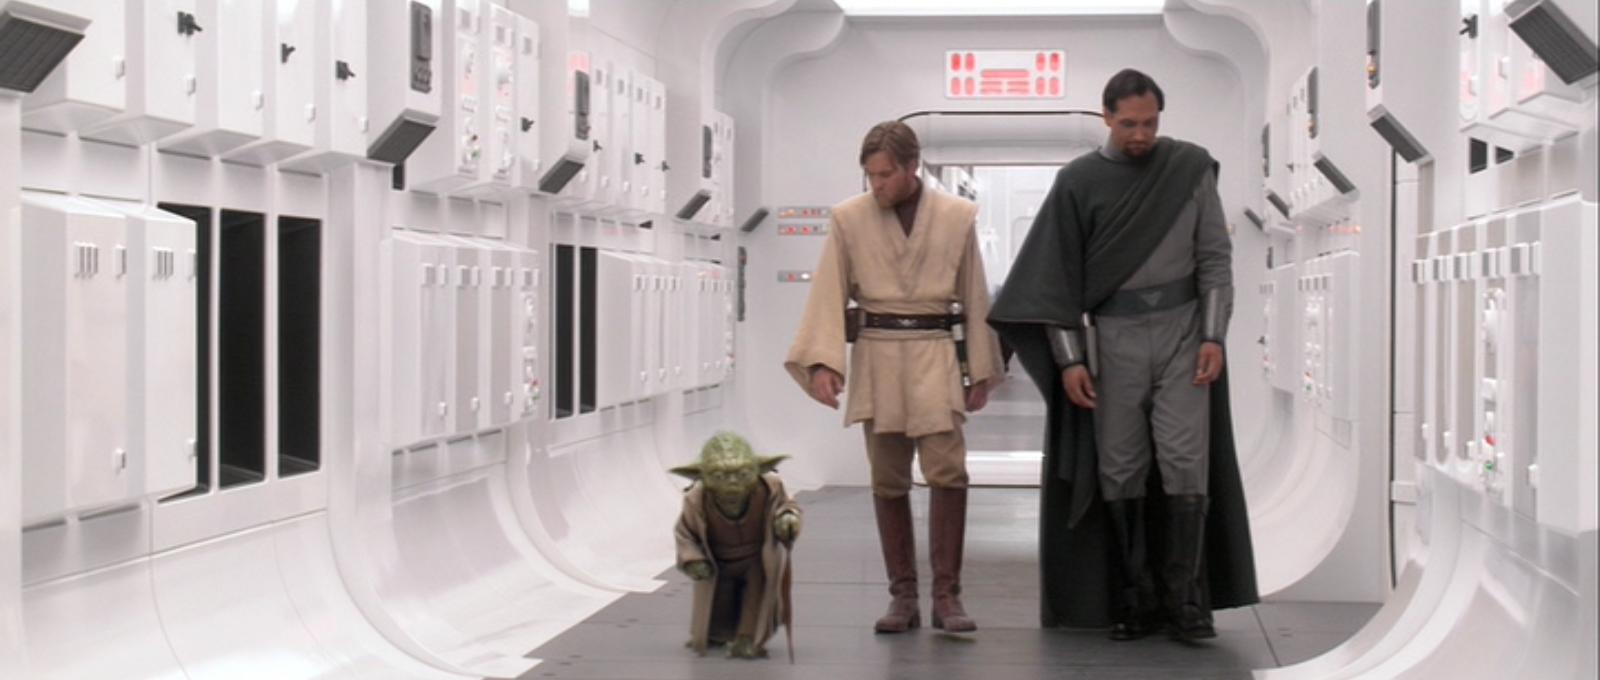 Yoda Obi-Wan